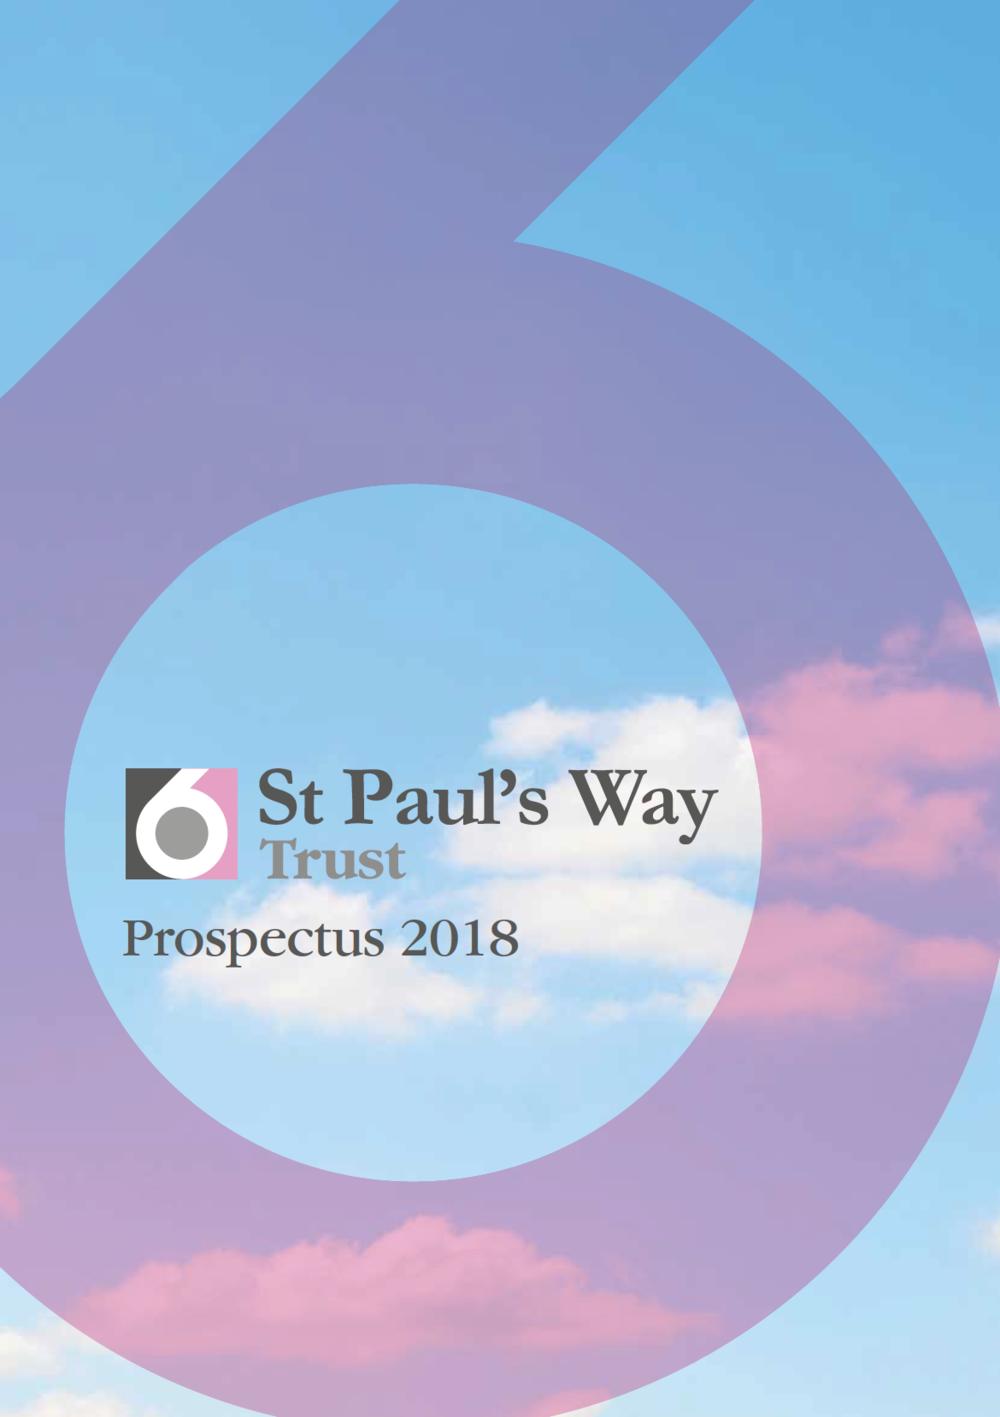 SPWT6 Prspectus